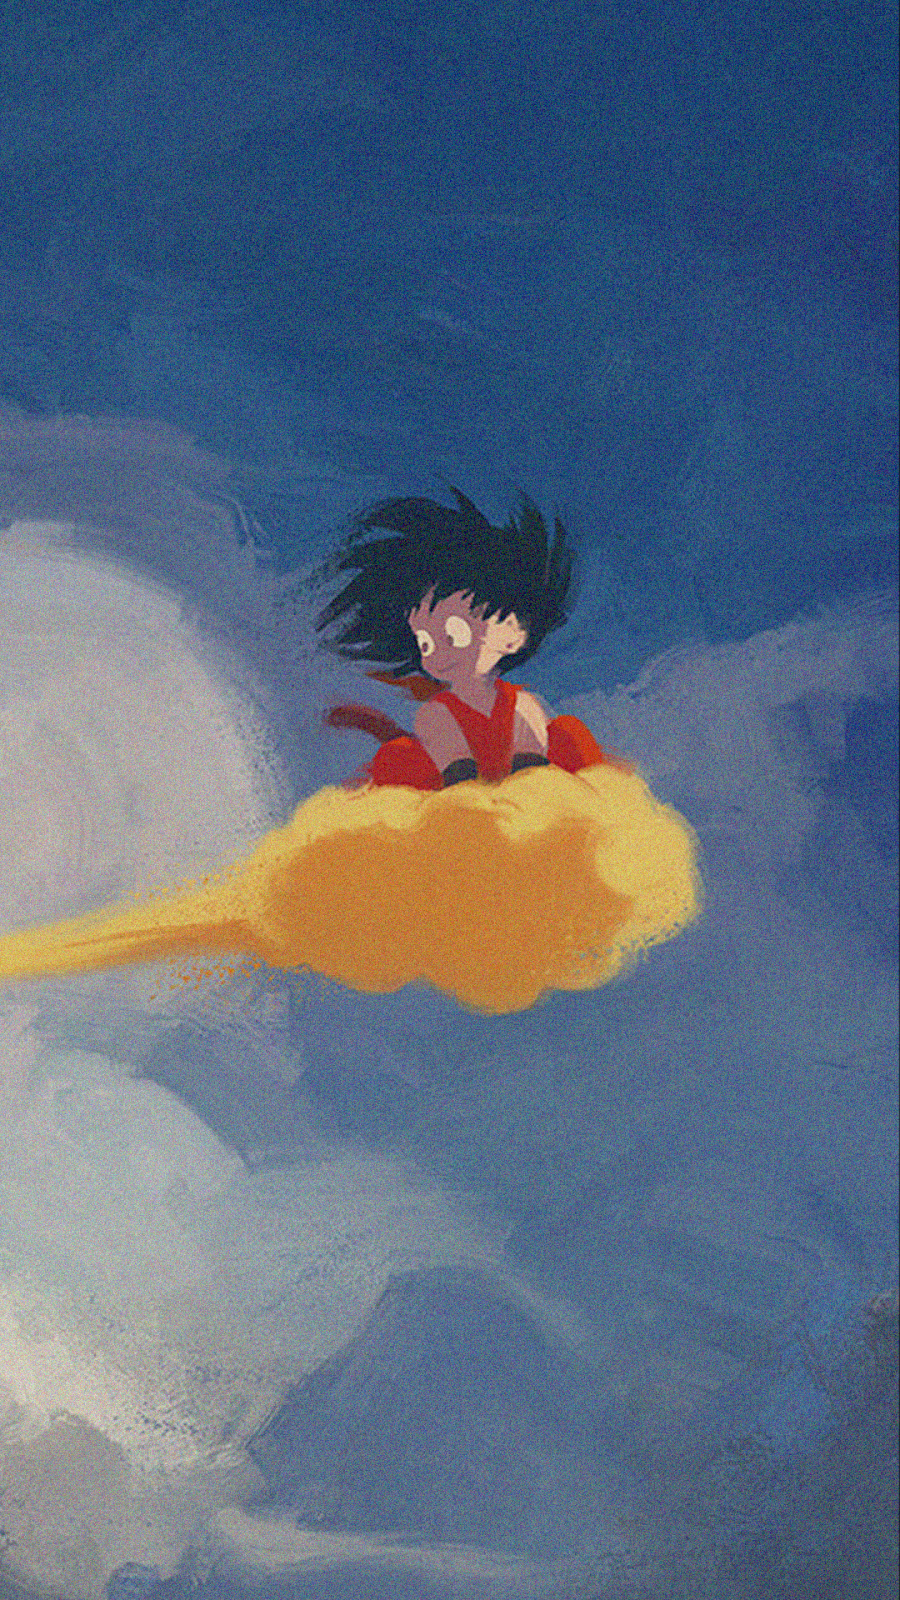 Minimalist Anime Phone Wallpapers Top Free Minimalist Anime